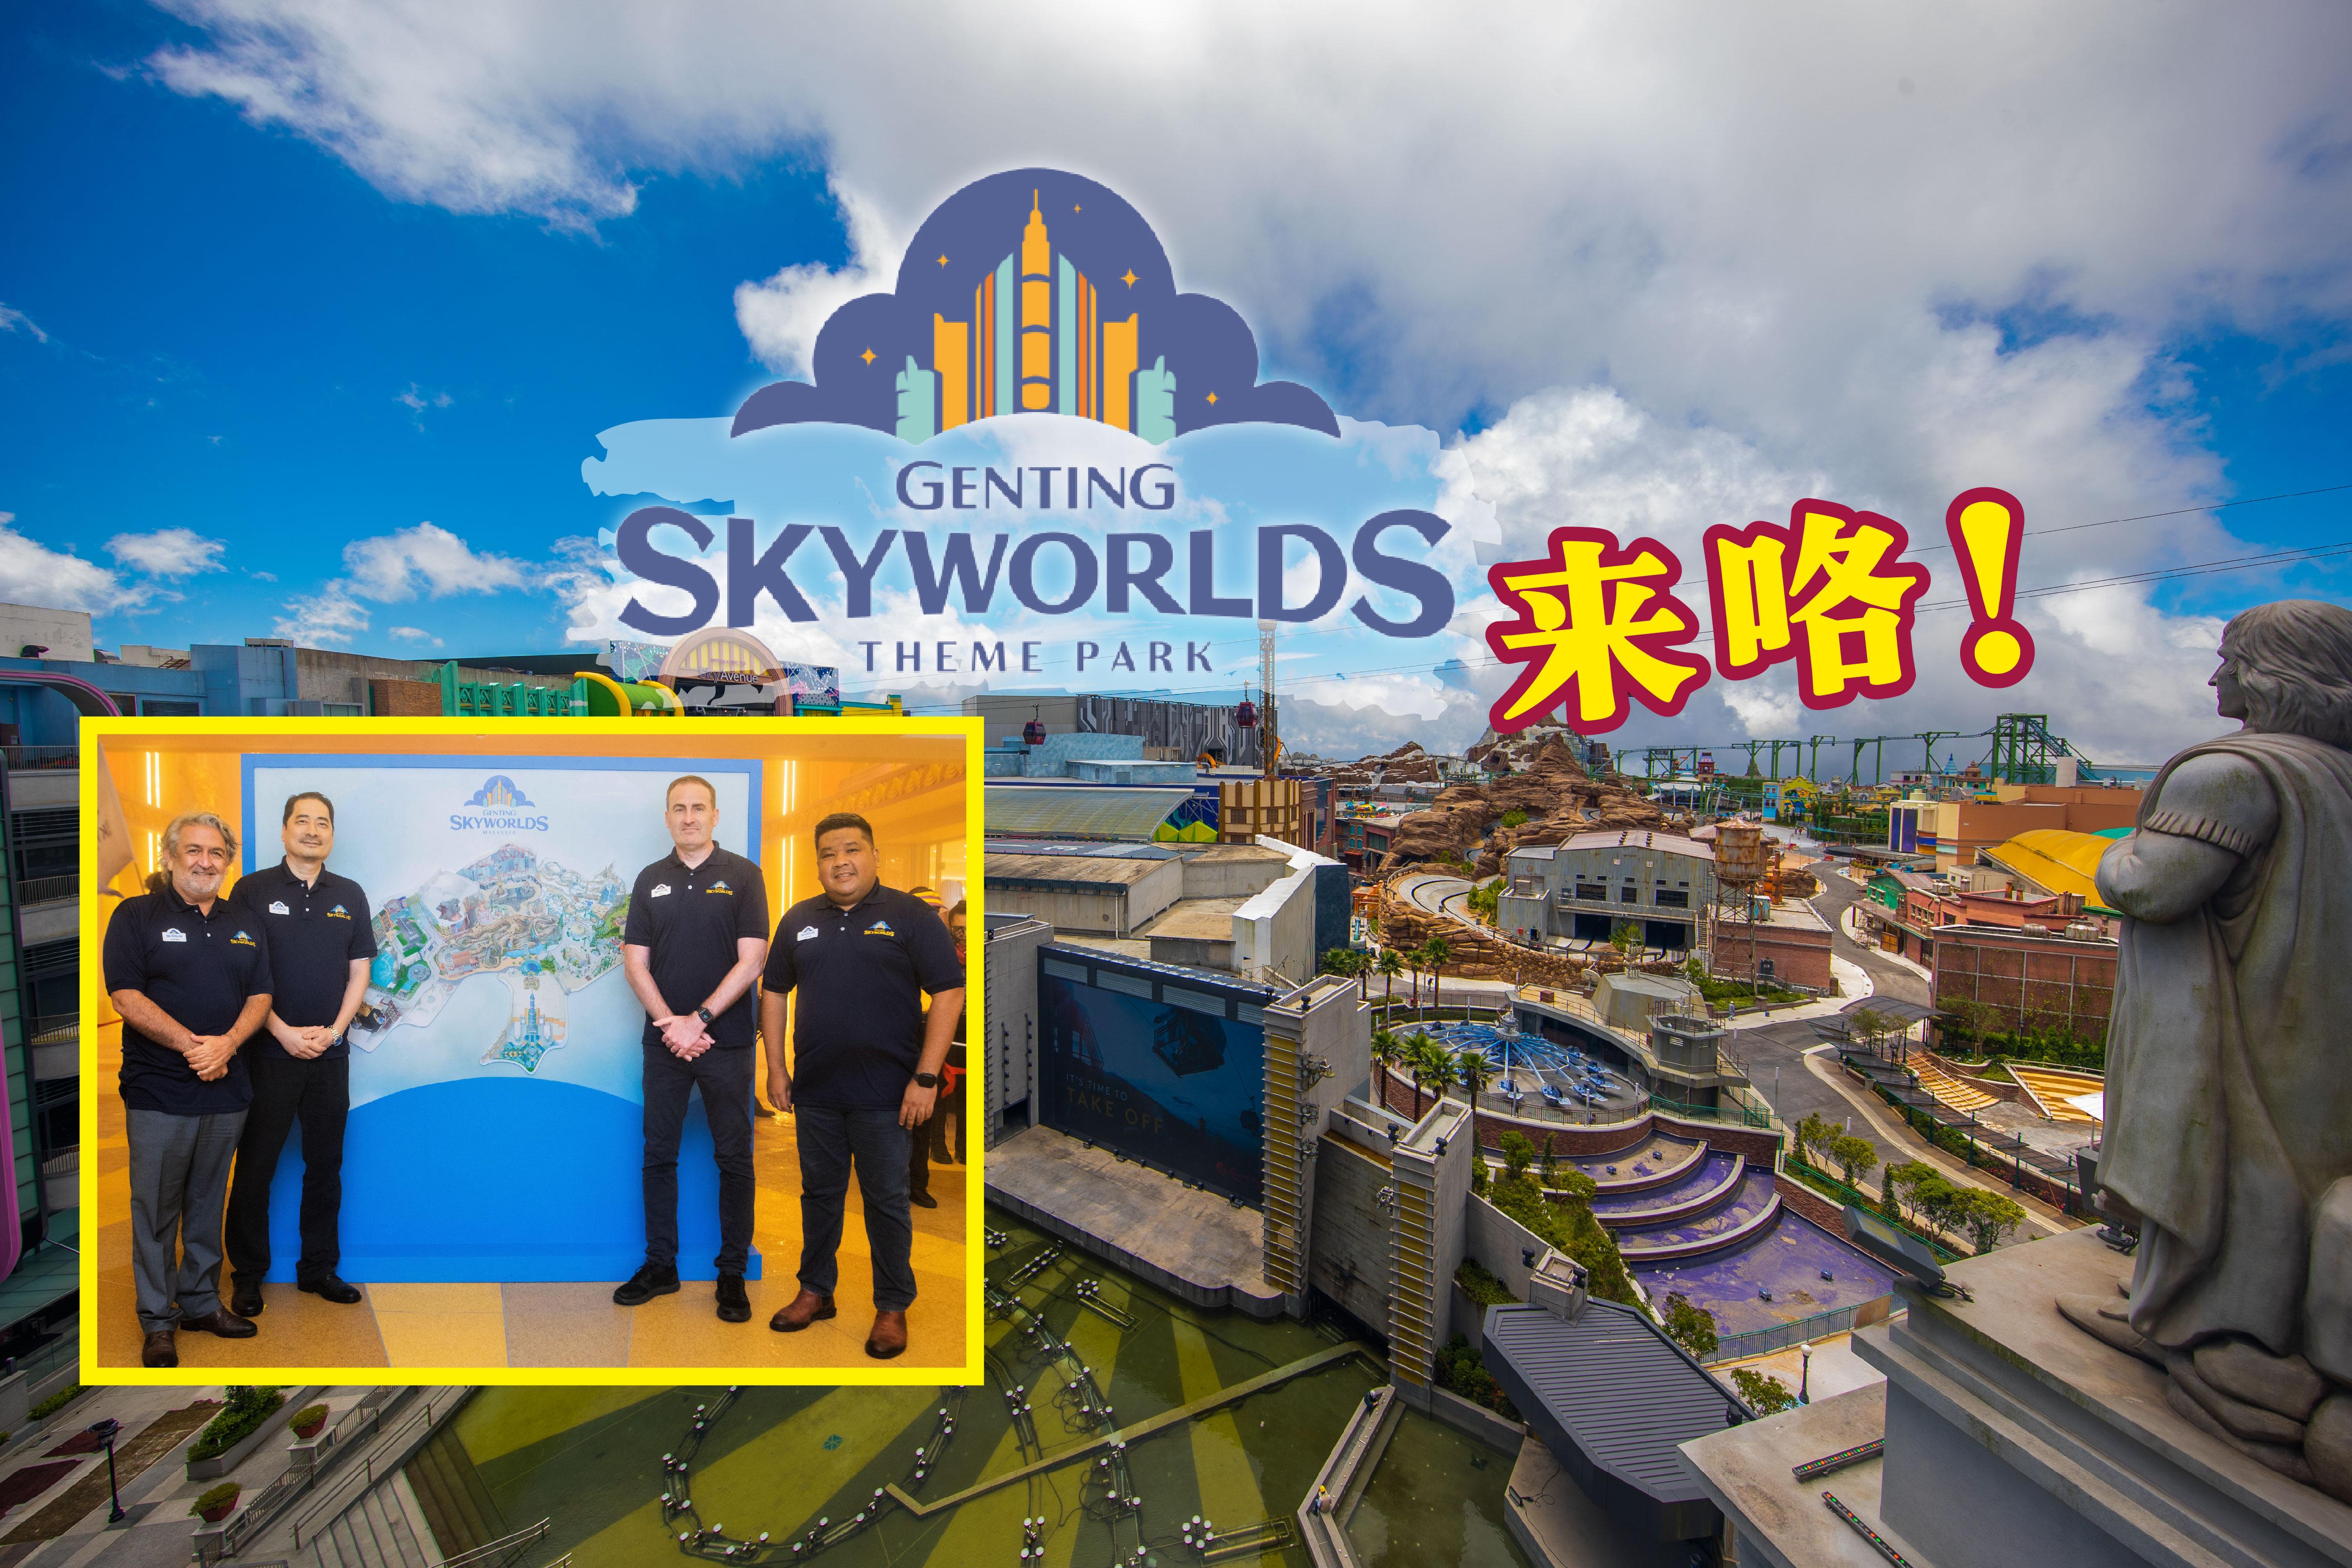 云顶世界(Resorts World Genting)周二(23日)通过Zoom线上直播发布会,正式揭幕该主题乐园的标志。-云顶世界提供/精彩大马制图-